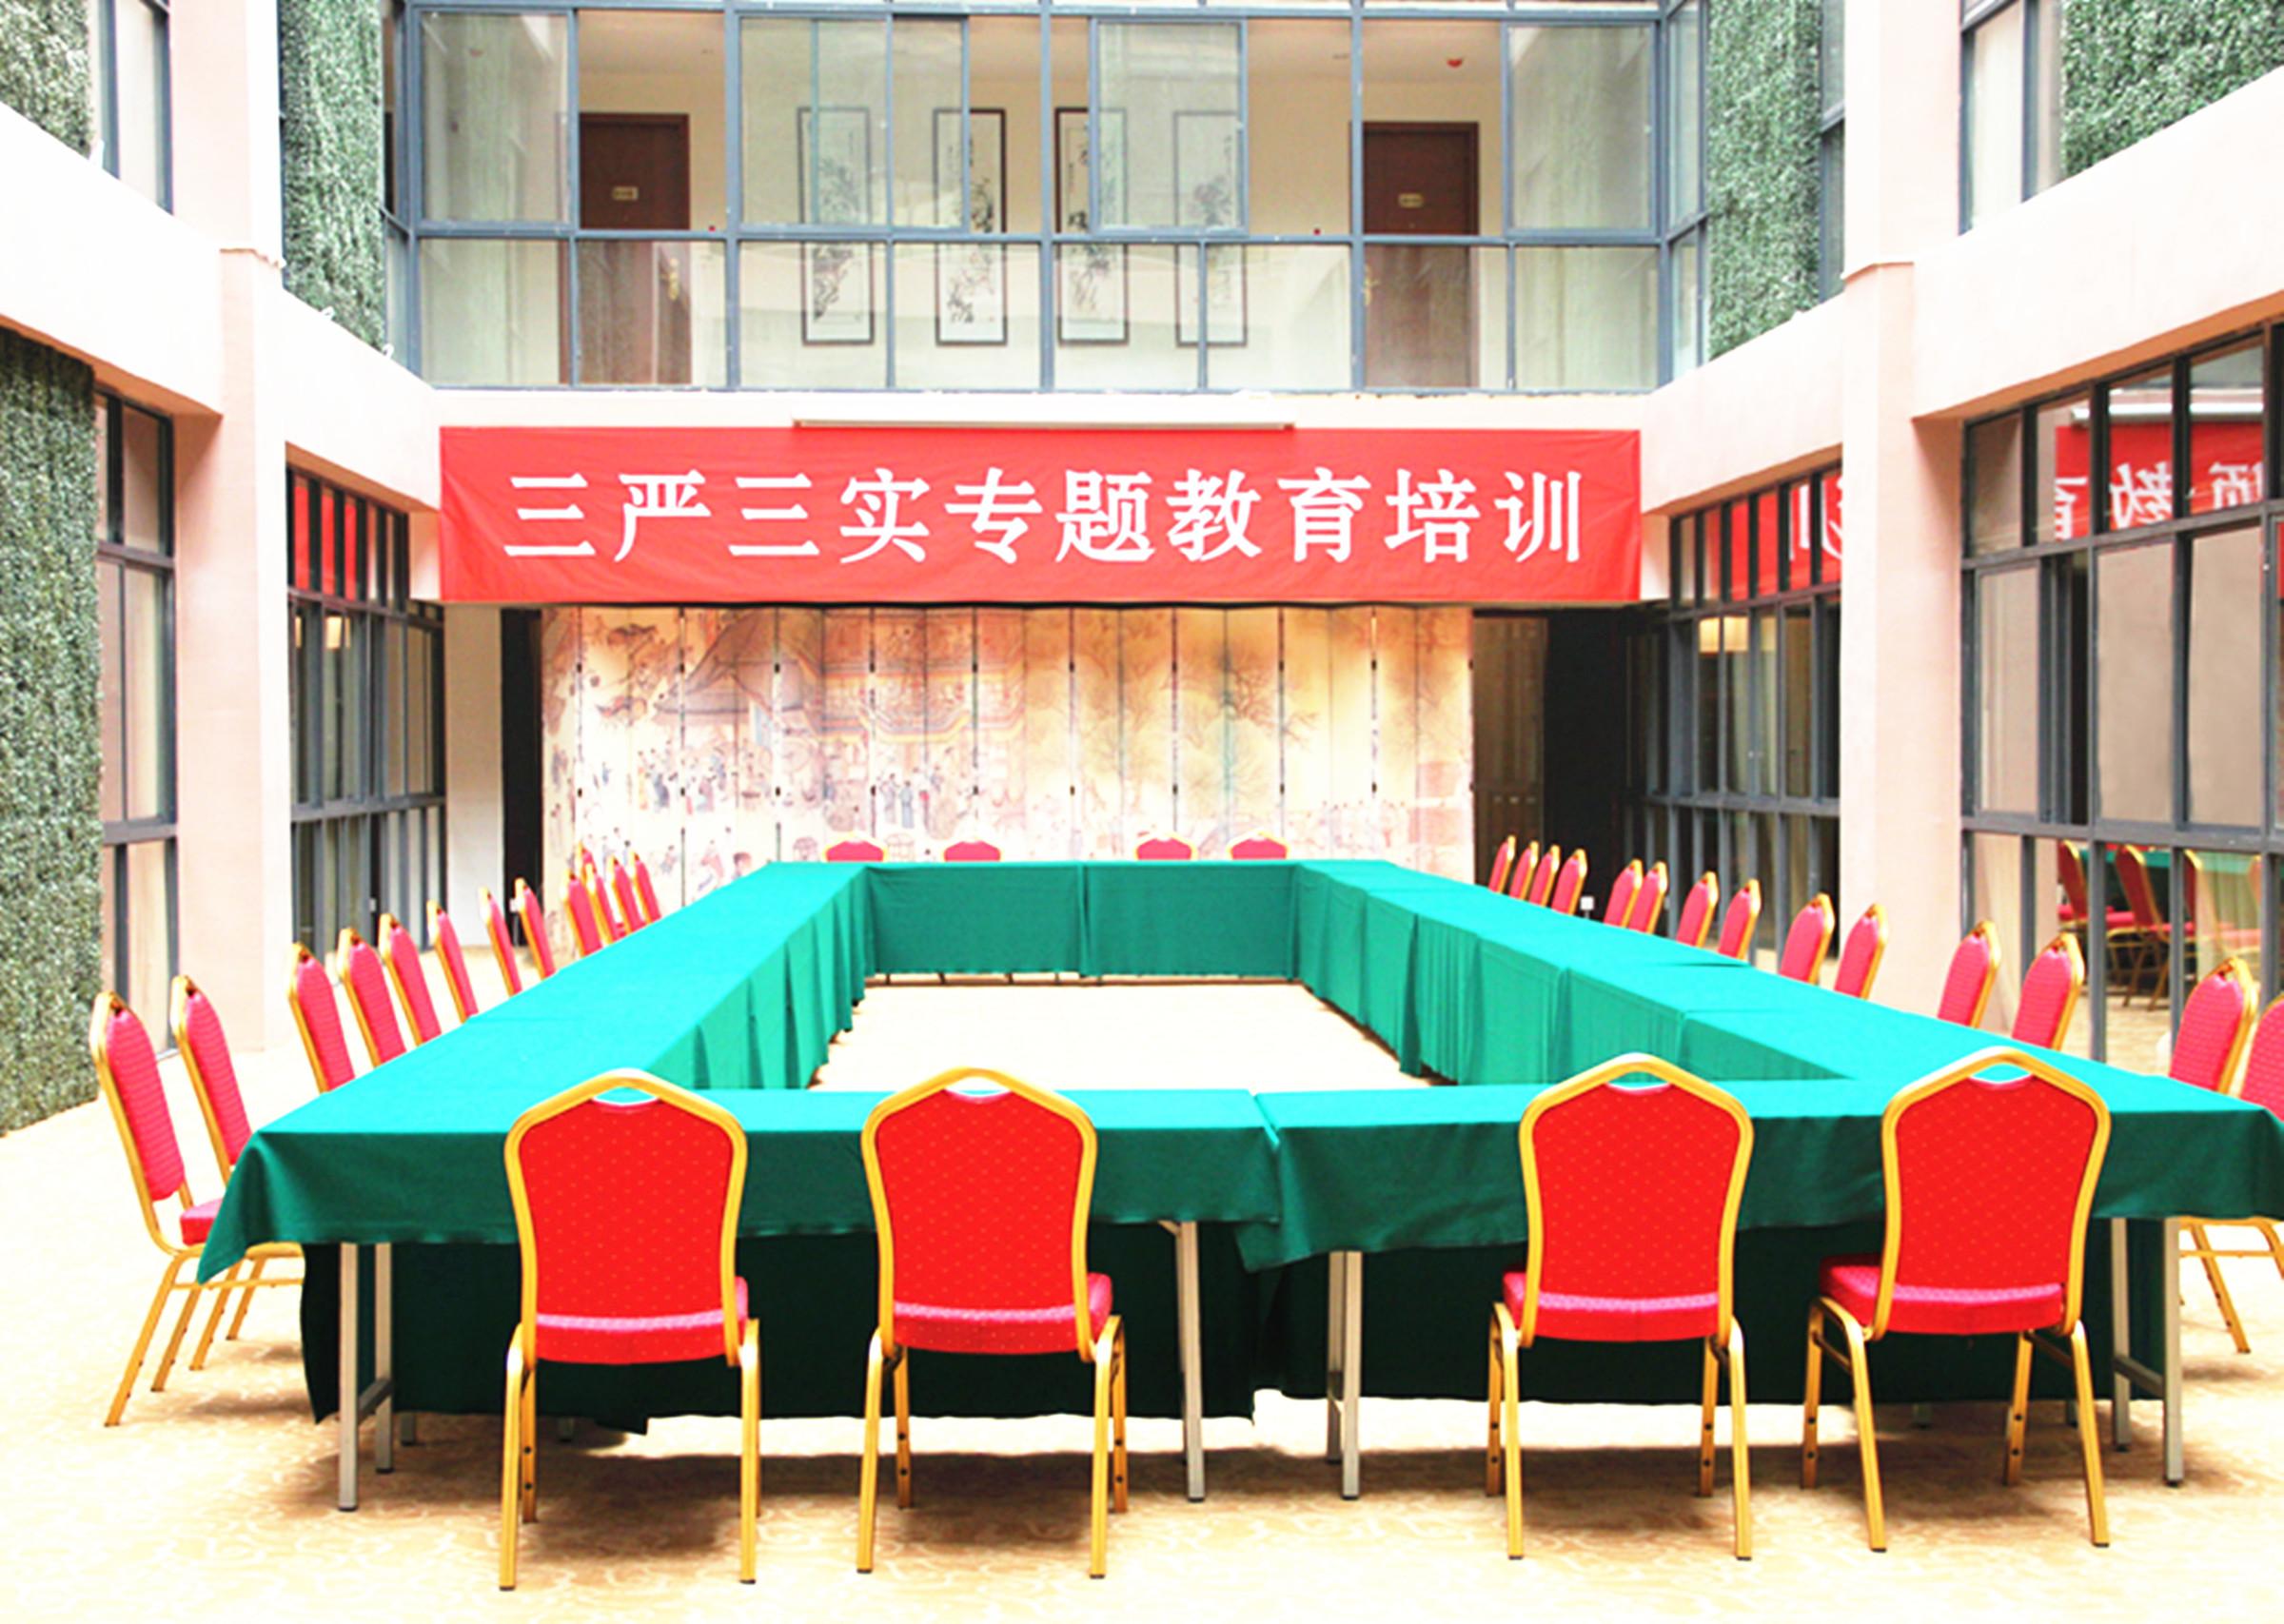 會議室考試中心